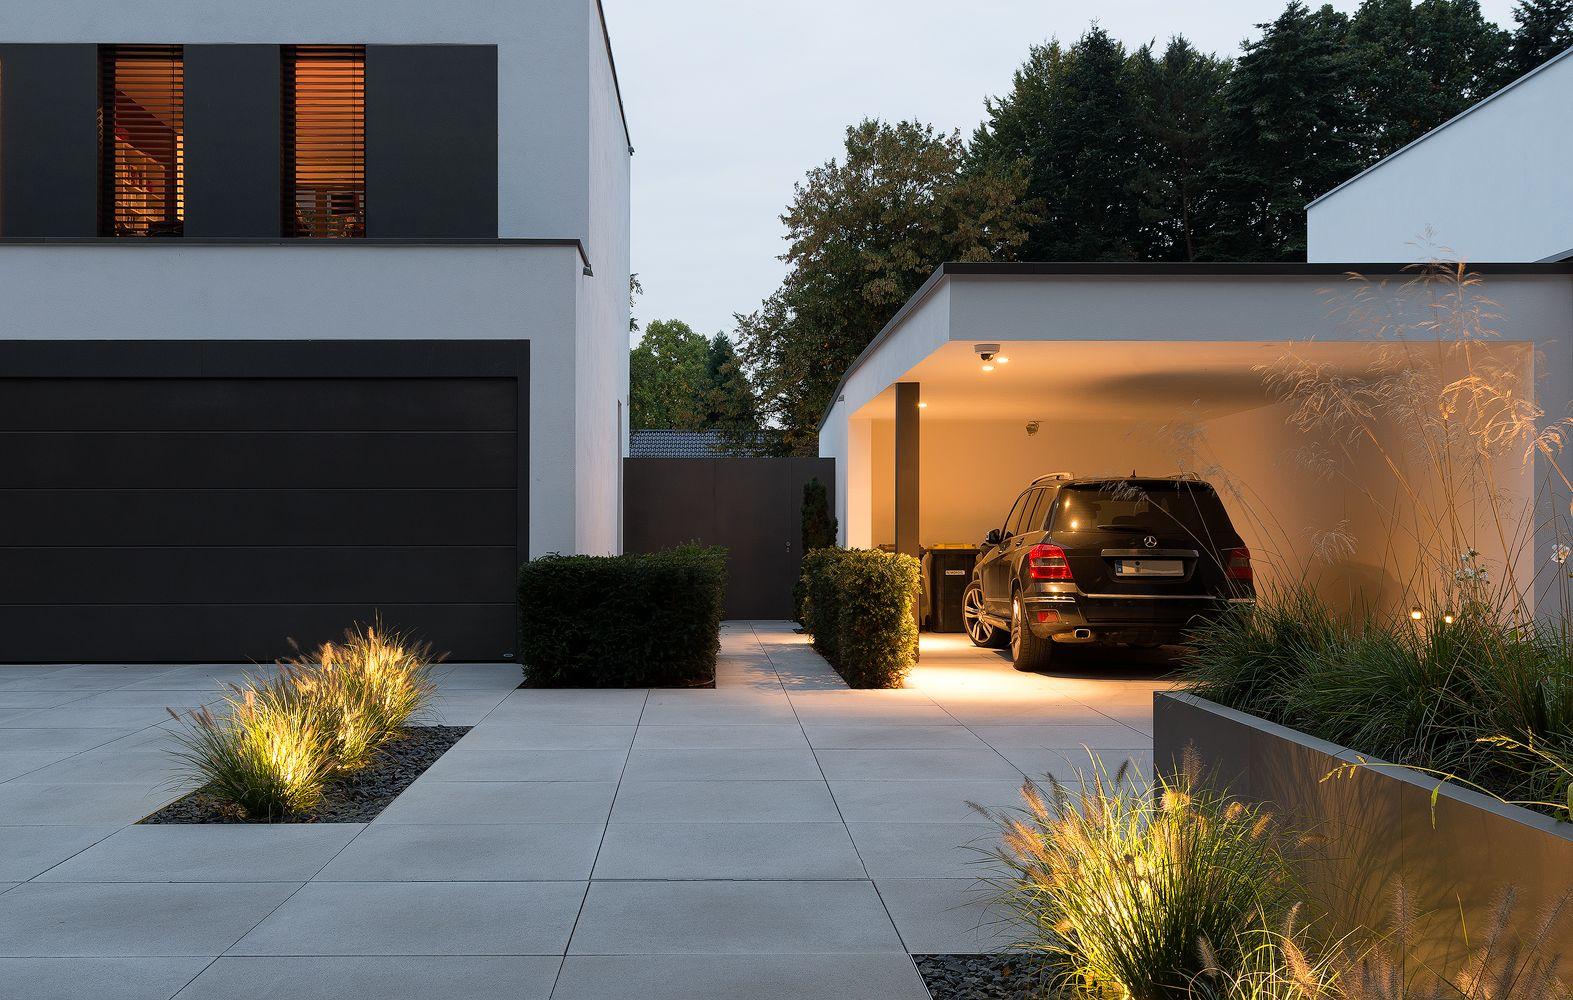 Exklusiver Vorgarten. Modernes Design und wunderschön beleuchtet ...